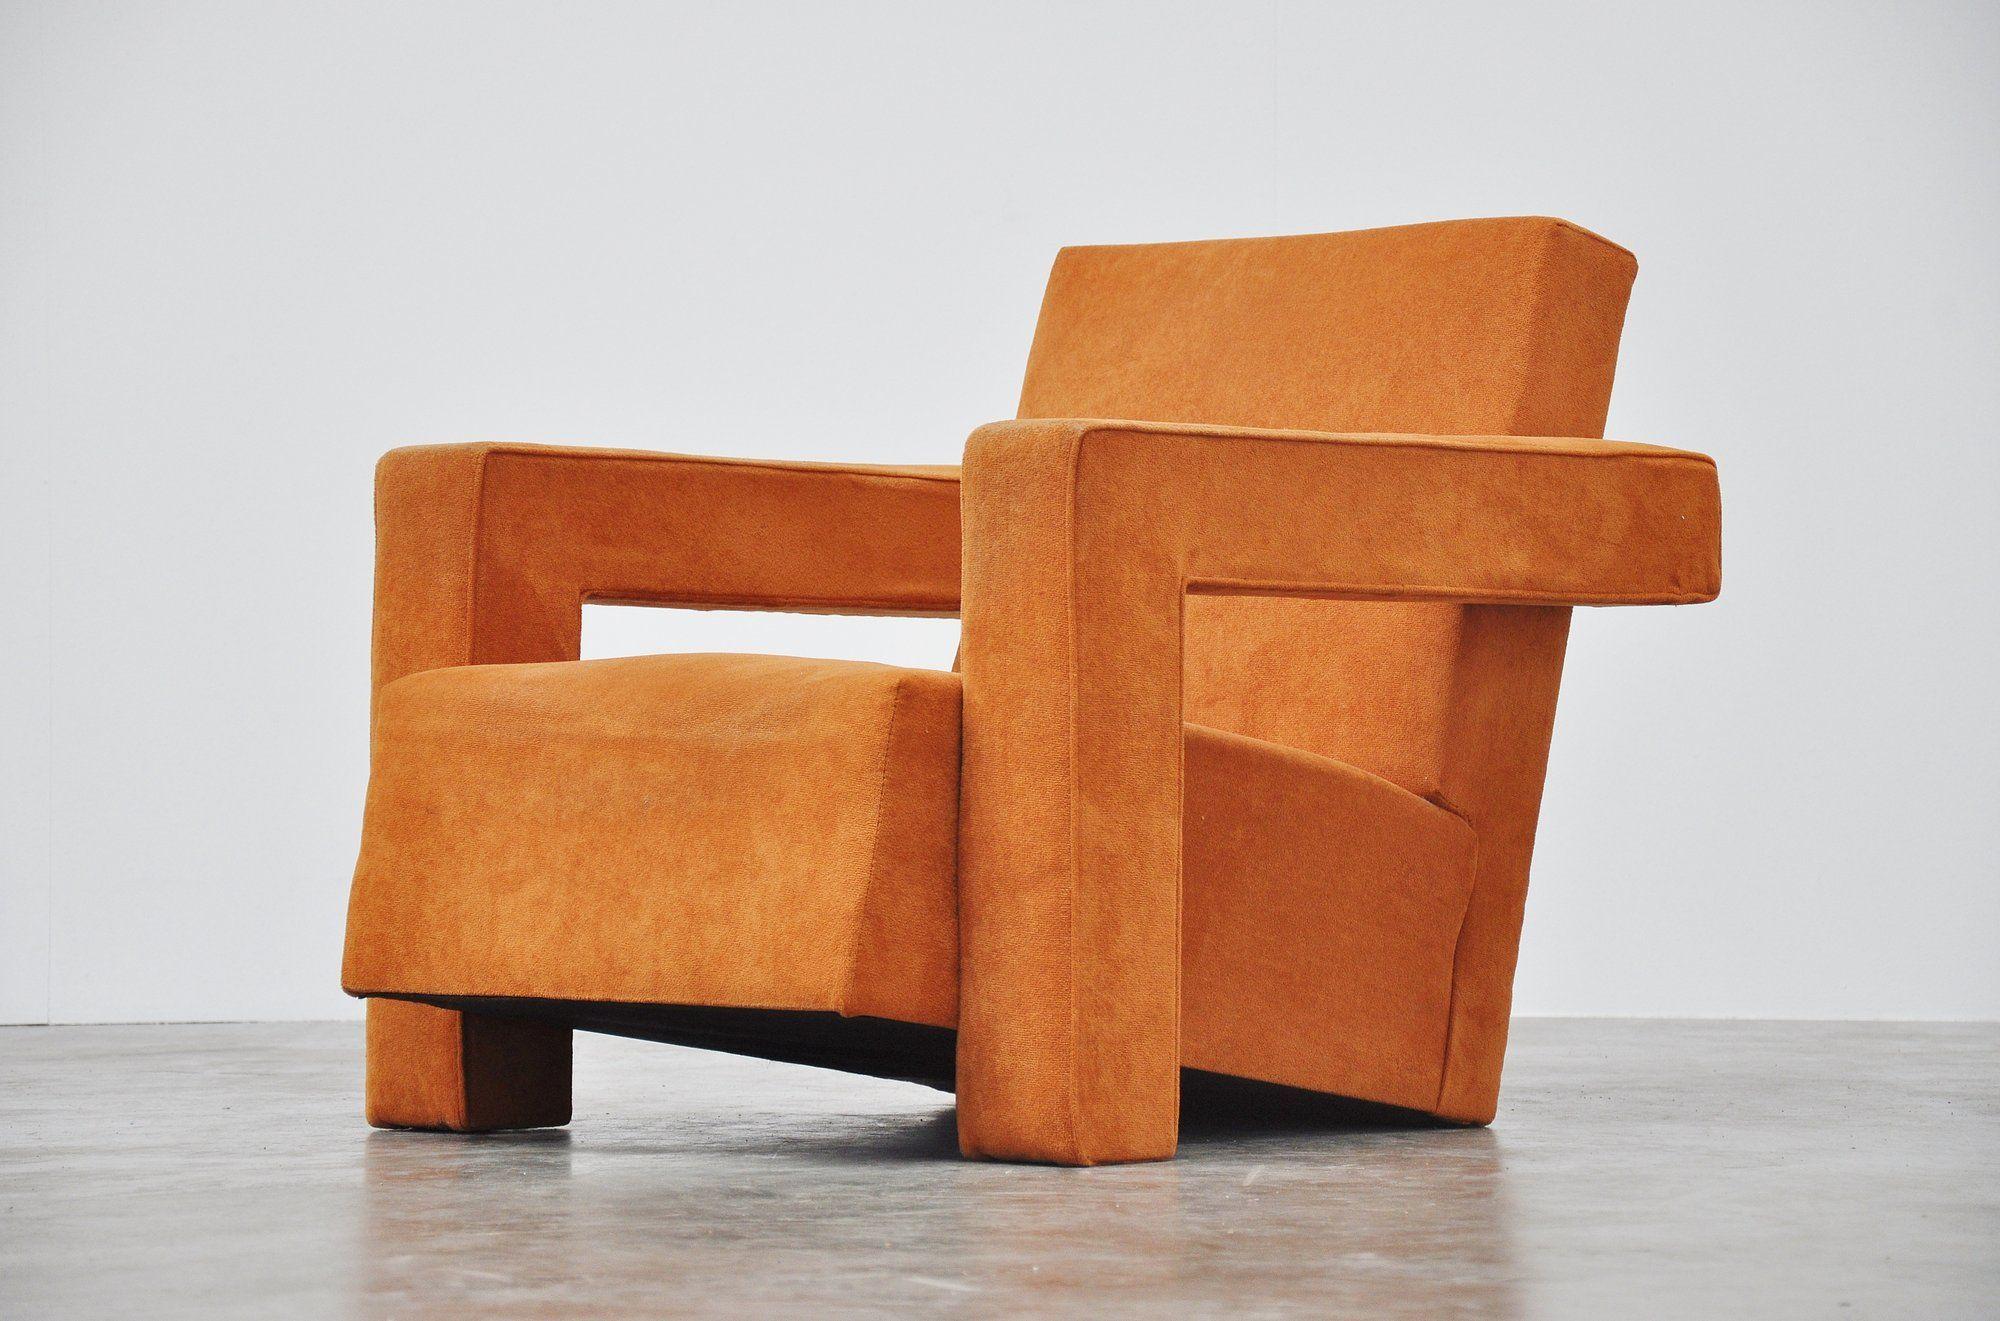 Gerrit thomas rietveld utrecht chair for metz co 1935 for Bauhaus design stoelen